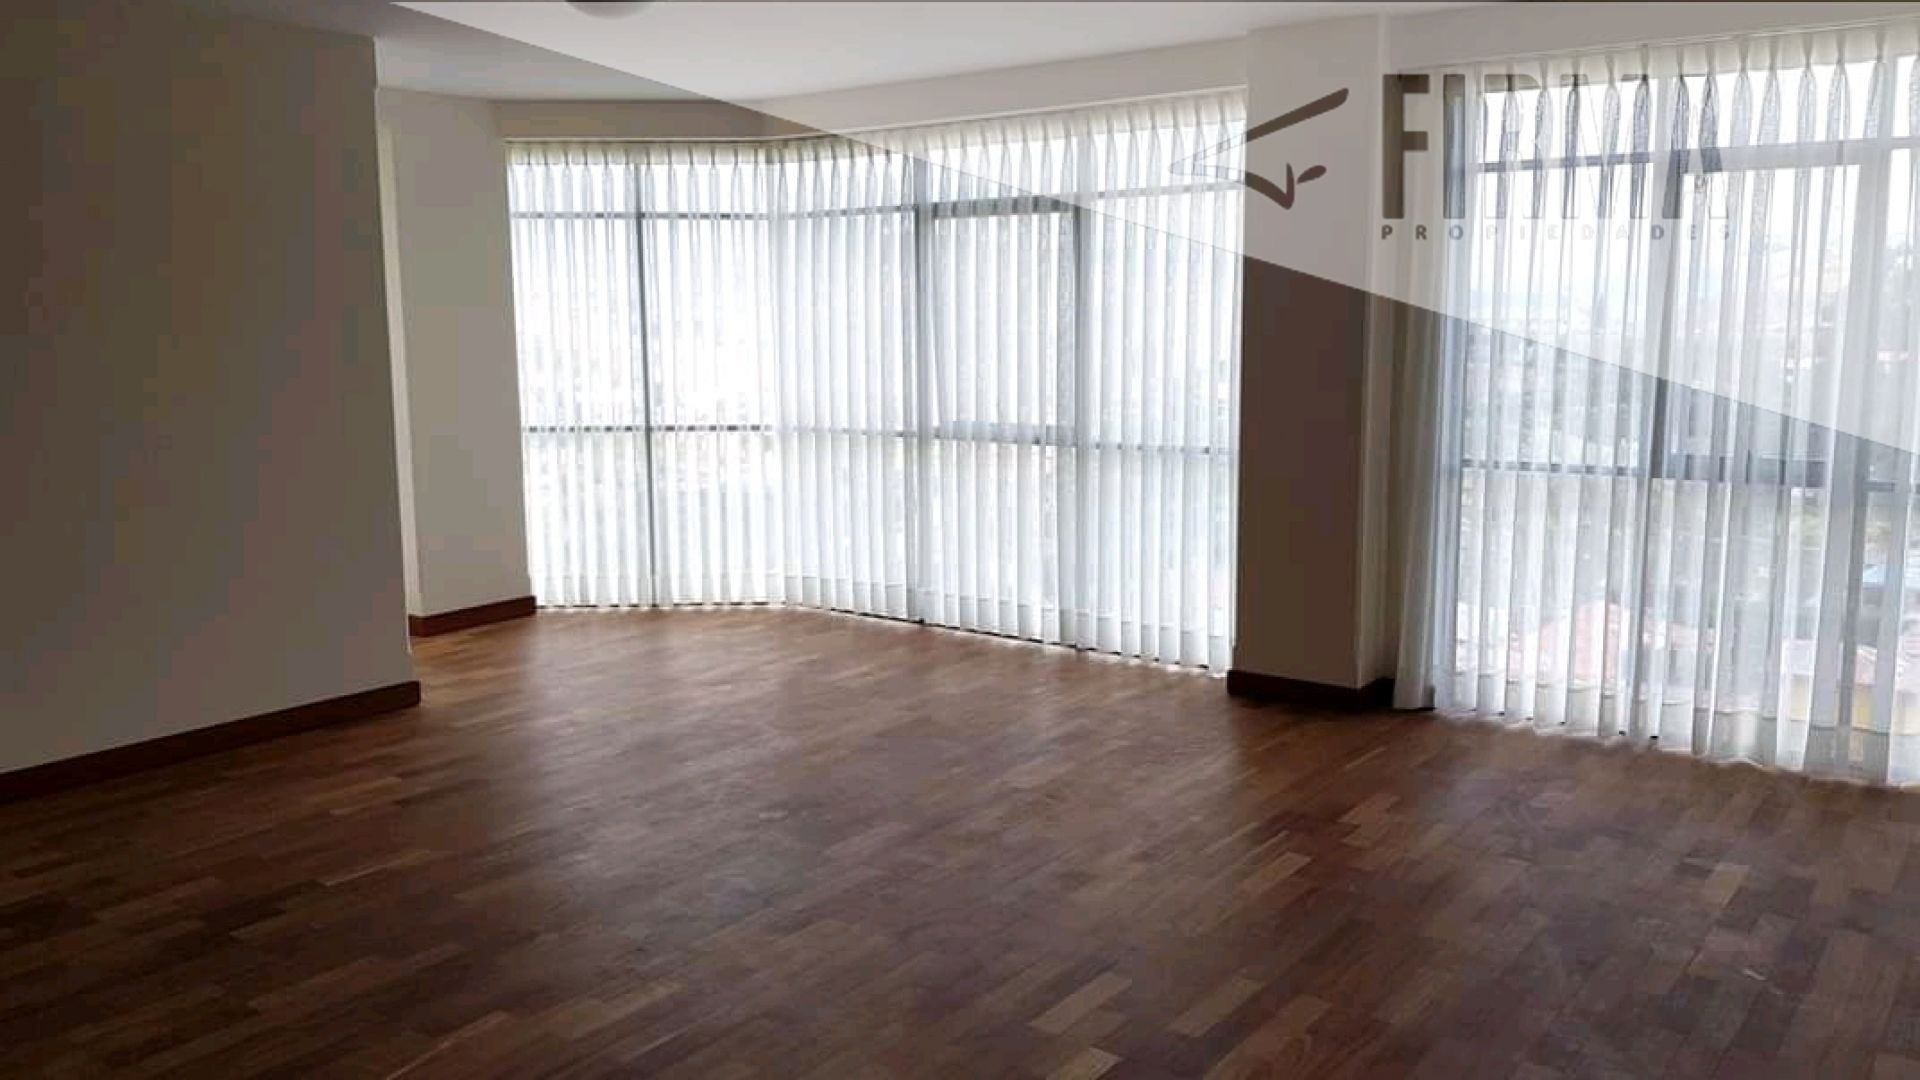 Departamento en Alquiler ALQUILA ESTE DEPARTAMENTO EN SOPOCACHI Foto 7